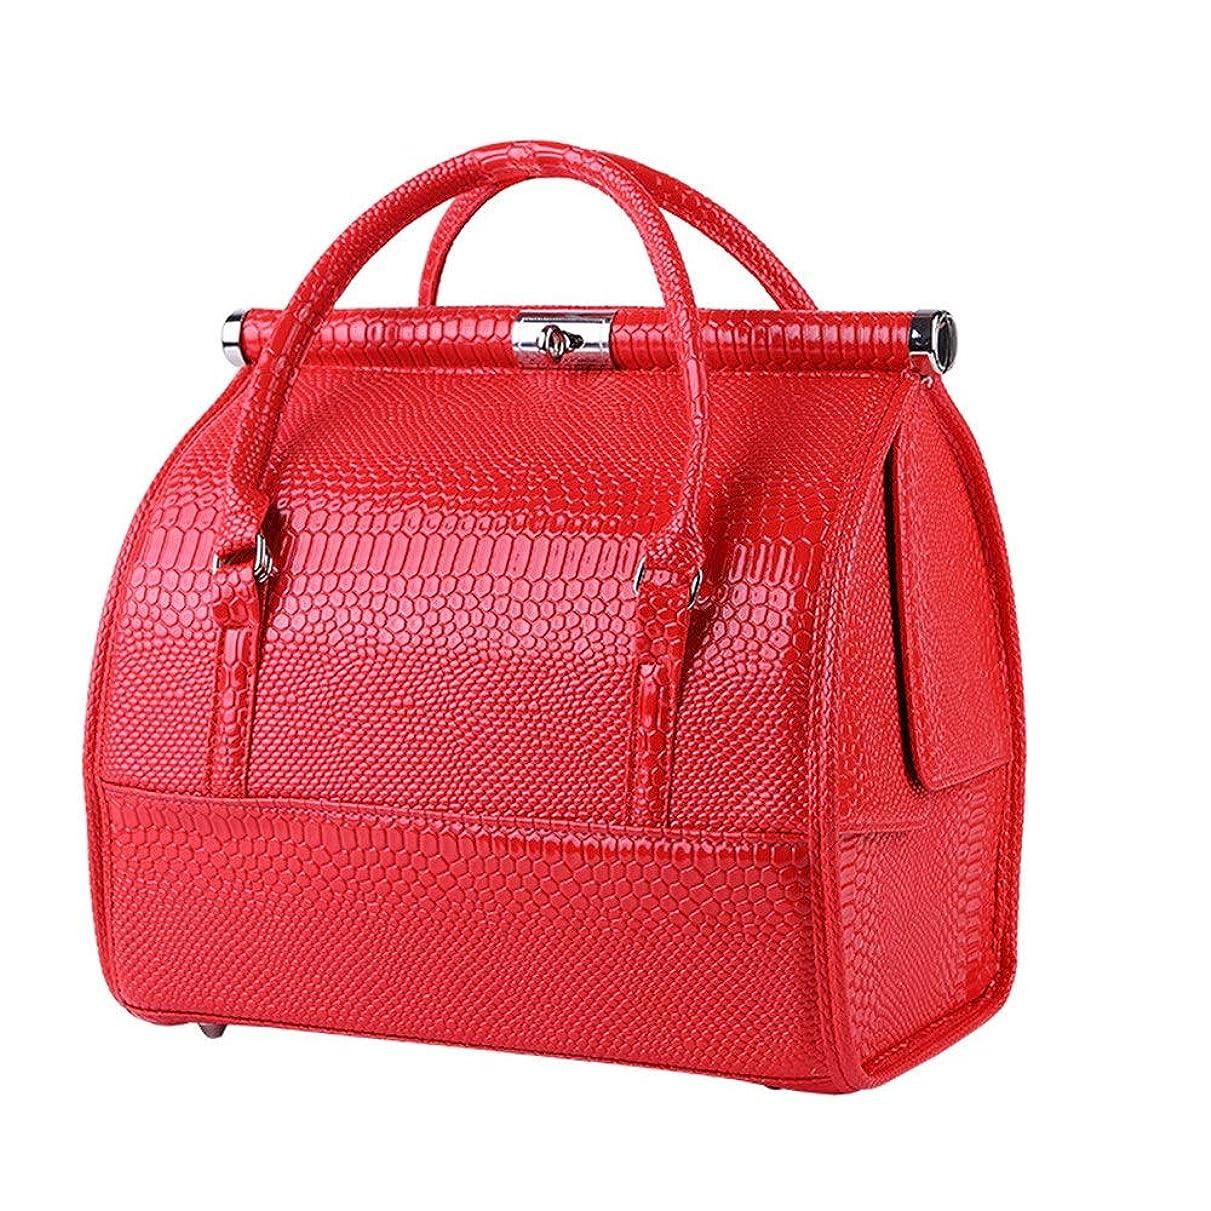 付与共和党偽善化粧オーガナイザーバッグ 女性の女性のための美容メイクアップのためのポータブル化粧品バッグ旅行と折り畳みトレイで毎日のストレージ 化粧品ケース